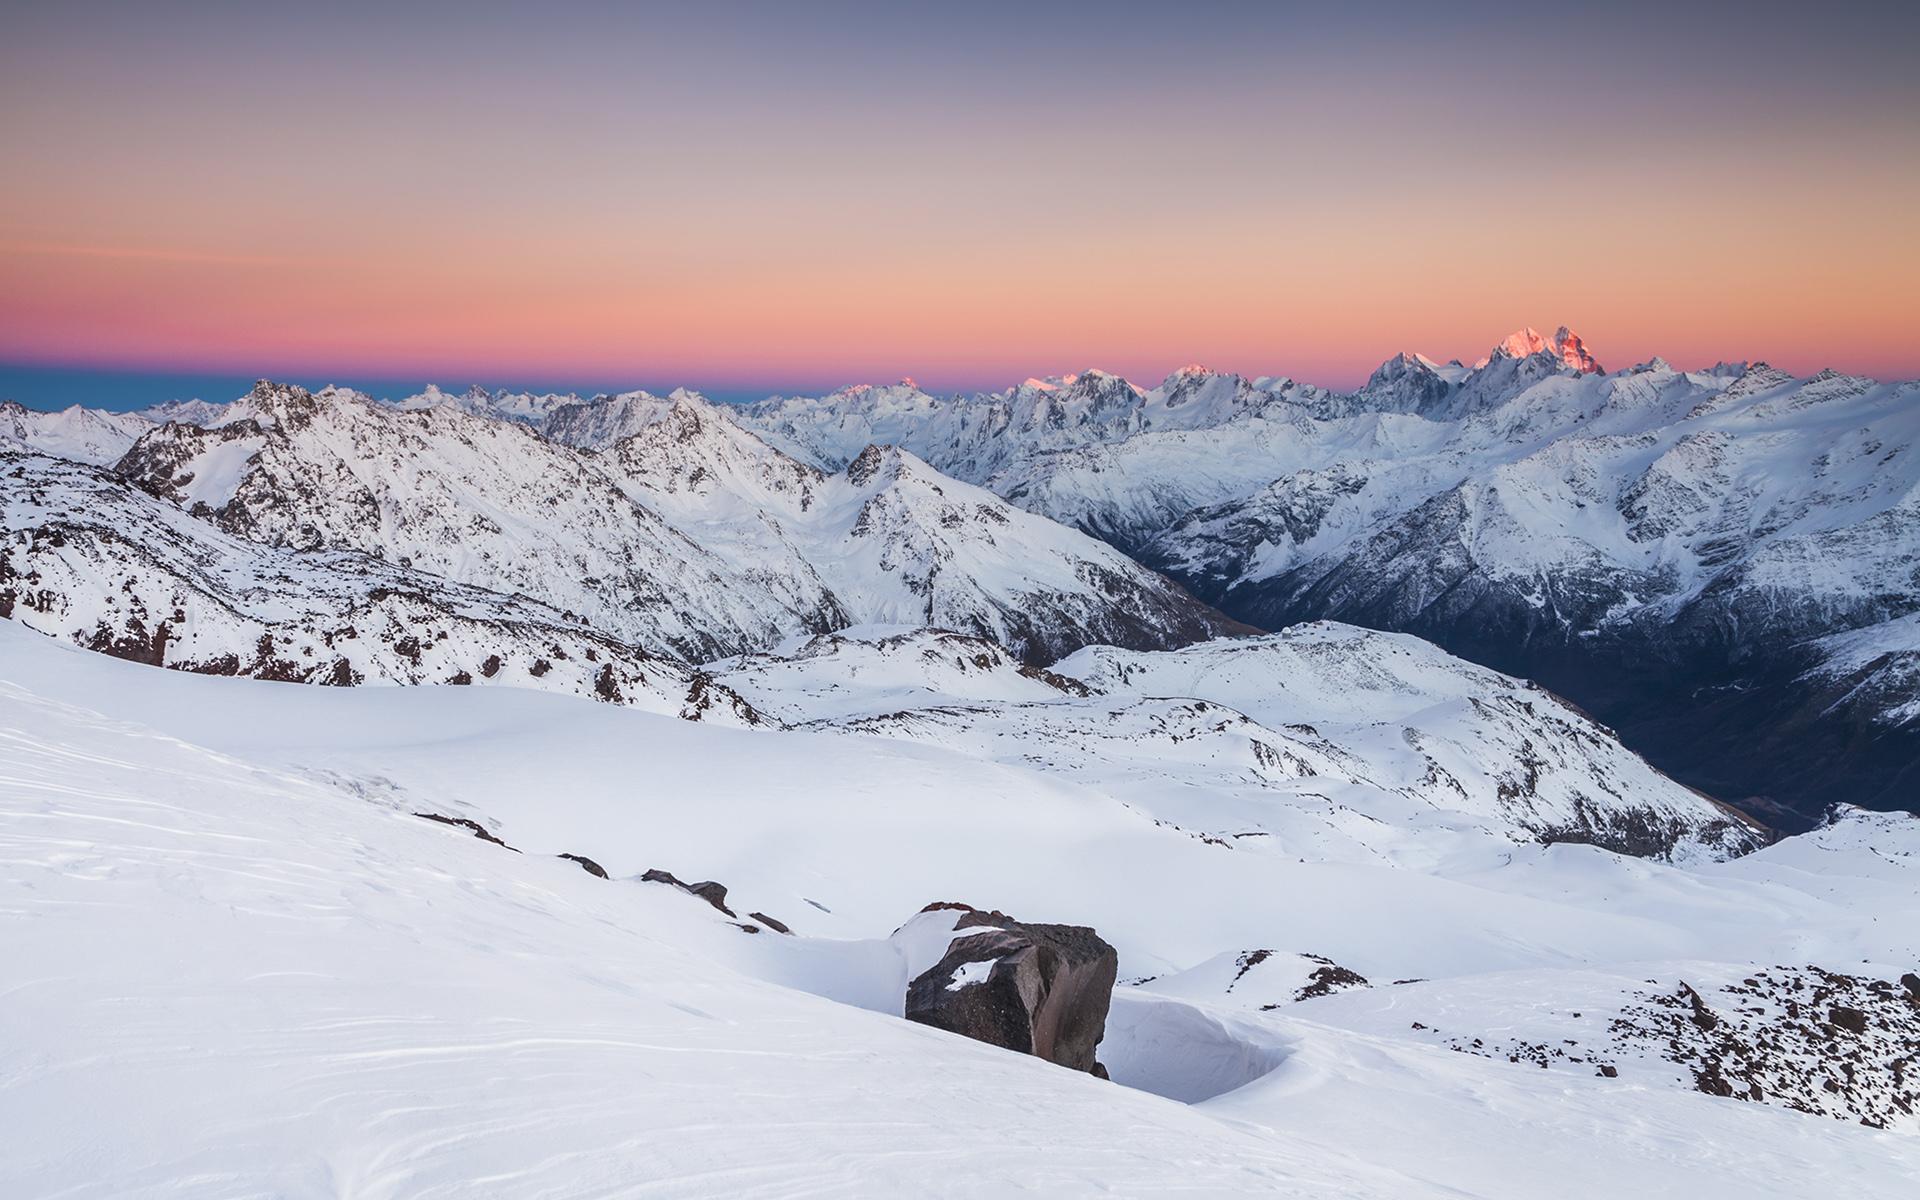 vue-sur-les-sommets-neige-et-montagne